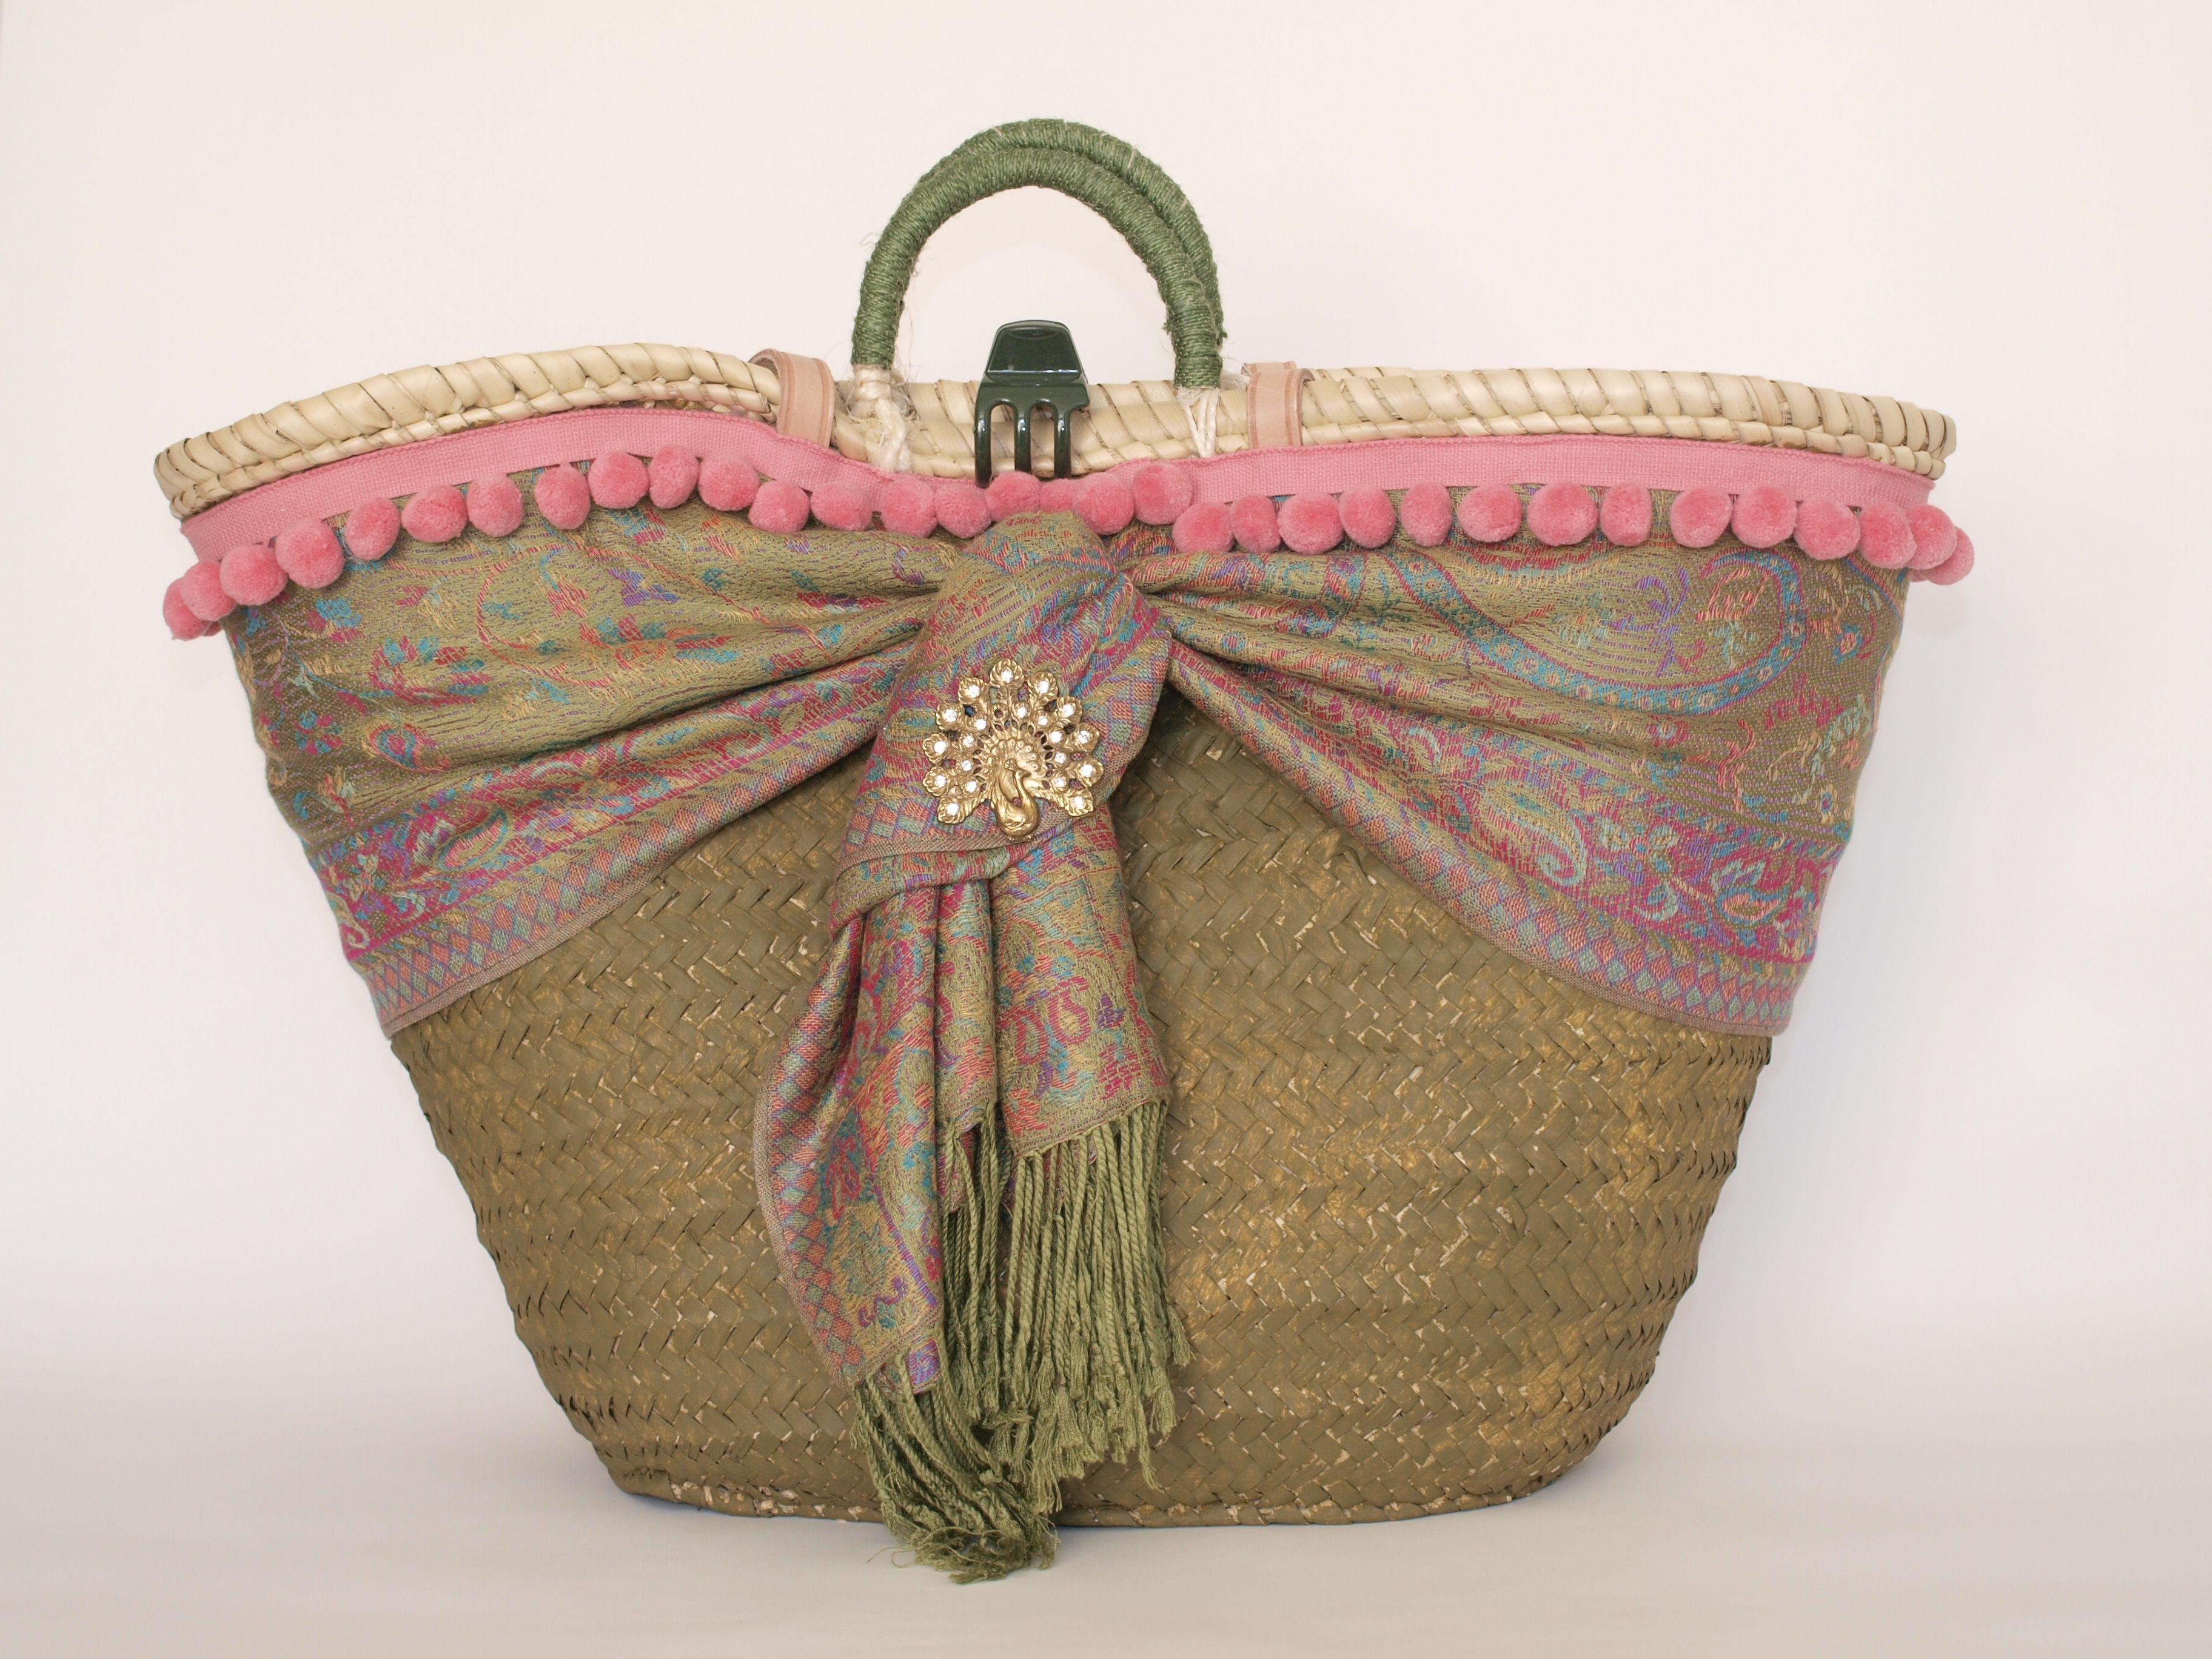 Capazo oliva cesto decorado bolsol - Capazo mimbre playa ...